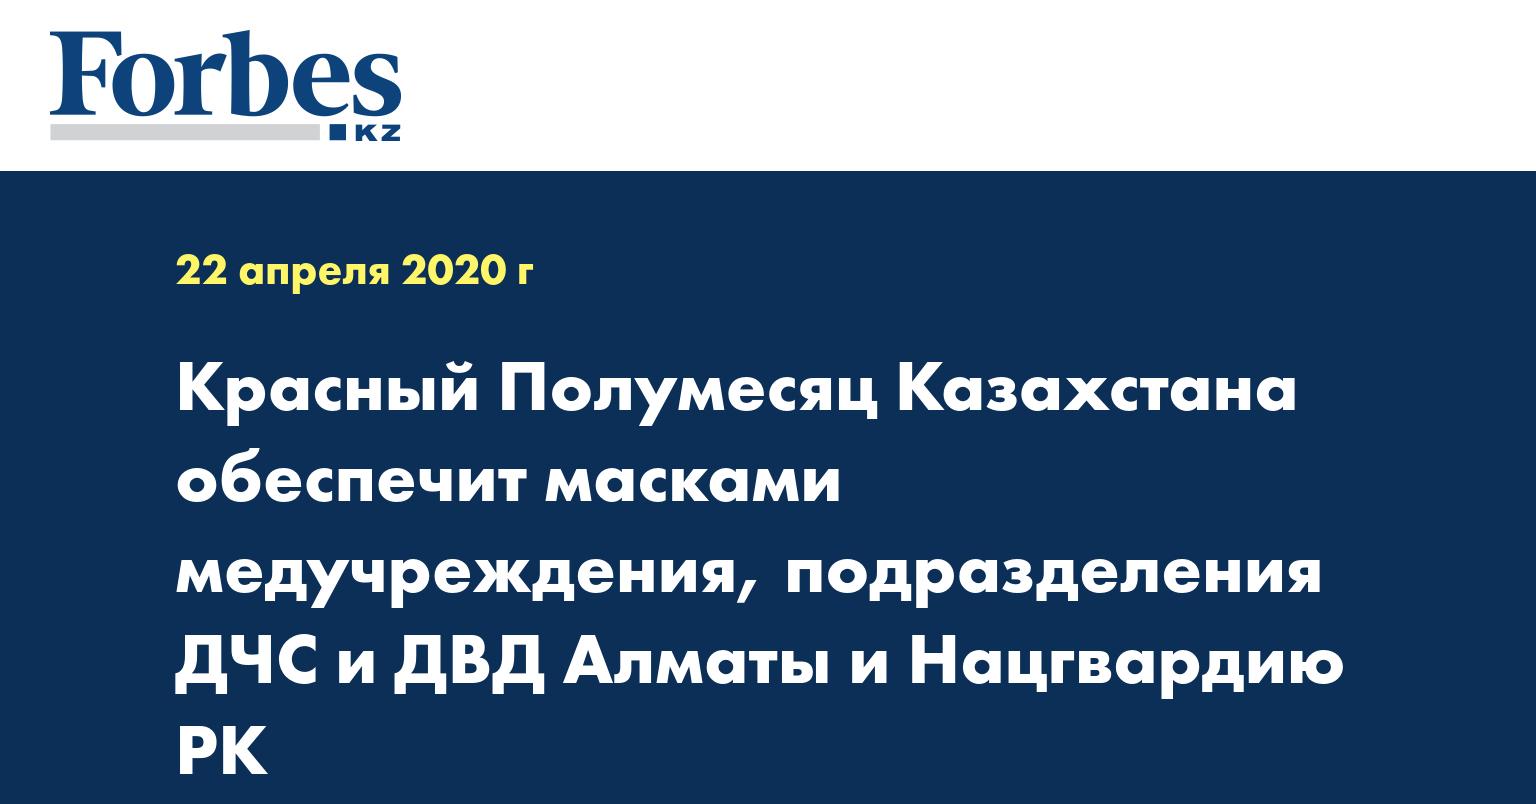 Красный Полумесяц Казахстана обеспечит масками медучреждения, подразделения ДЧС и ДВД Алматы и Нацгвардию РК